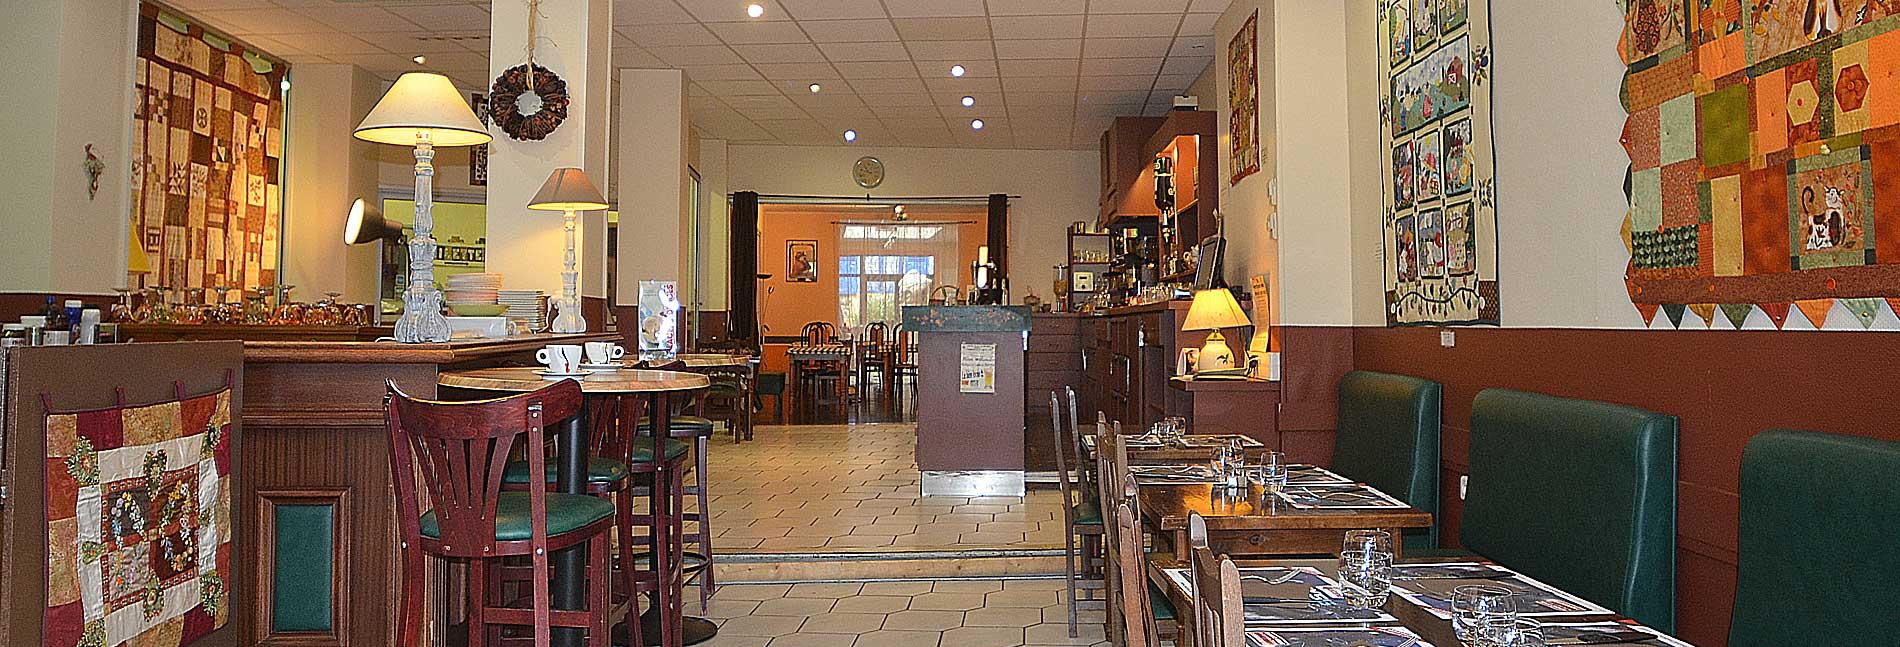 slide-Restaurant-03